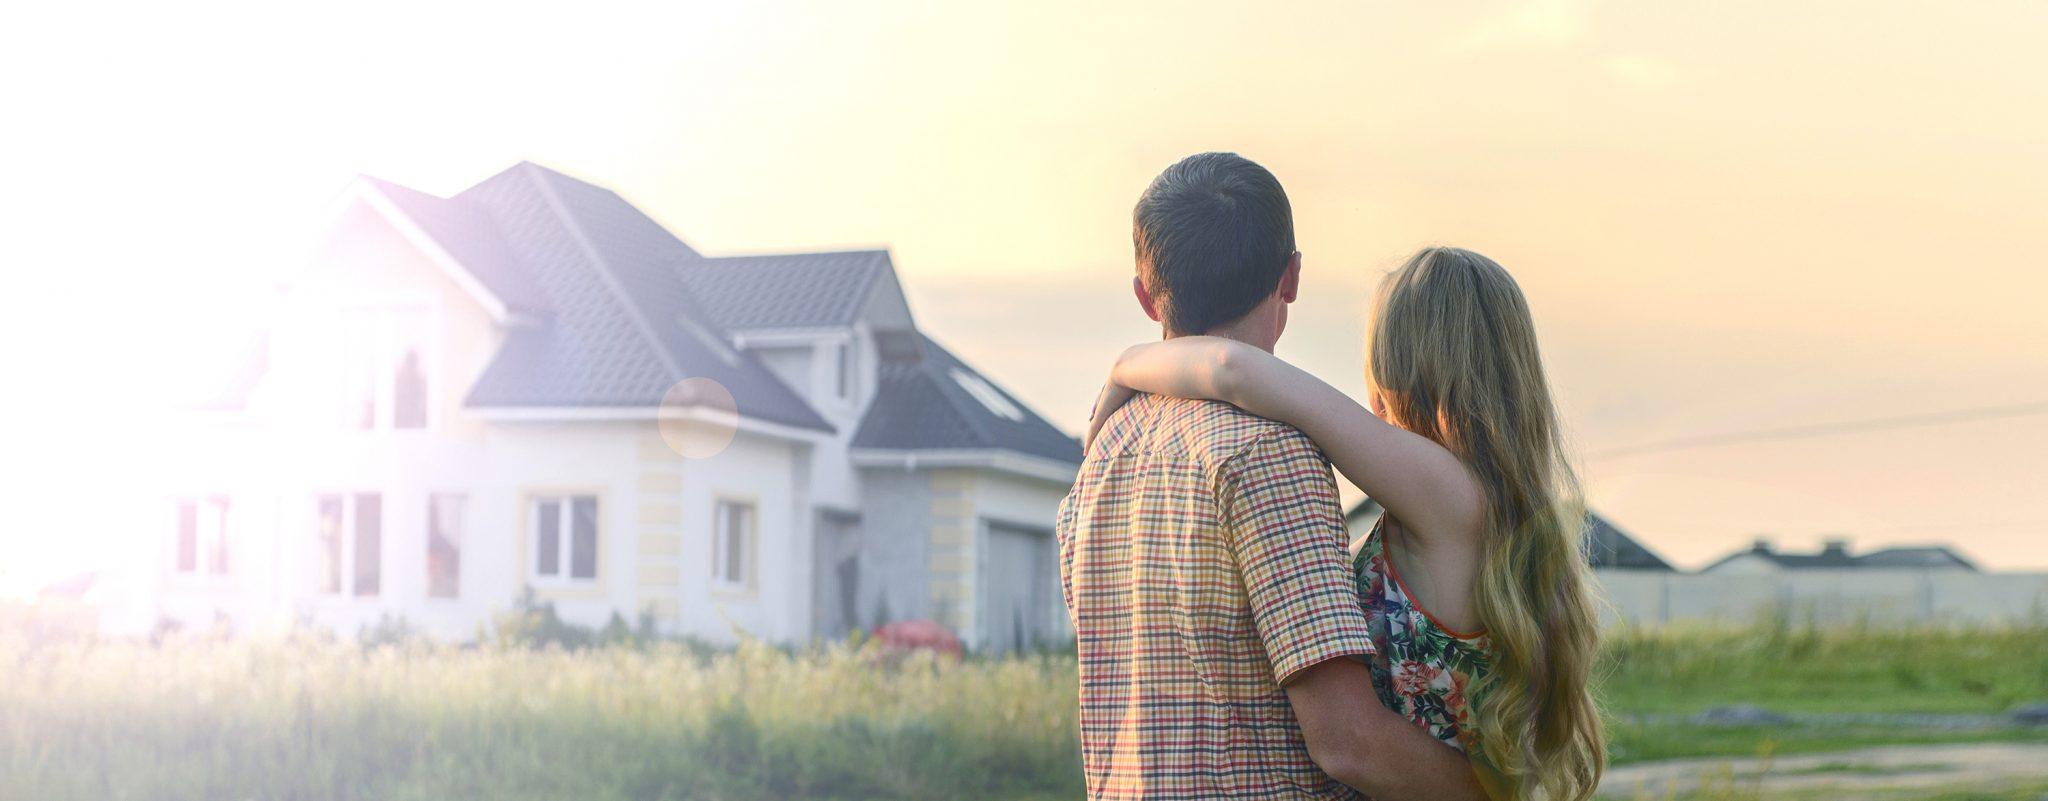 Sie benötigen mehr Platzfür sich und Ihre Familie? Wir haben das Passende für Sie undIhre Bedürfnisse. Schauen Sie sich jetztunsere aktuellen Immobilien an. Immobilien anschauen